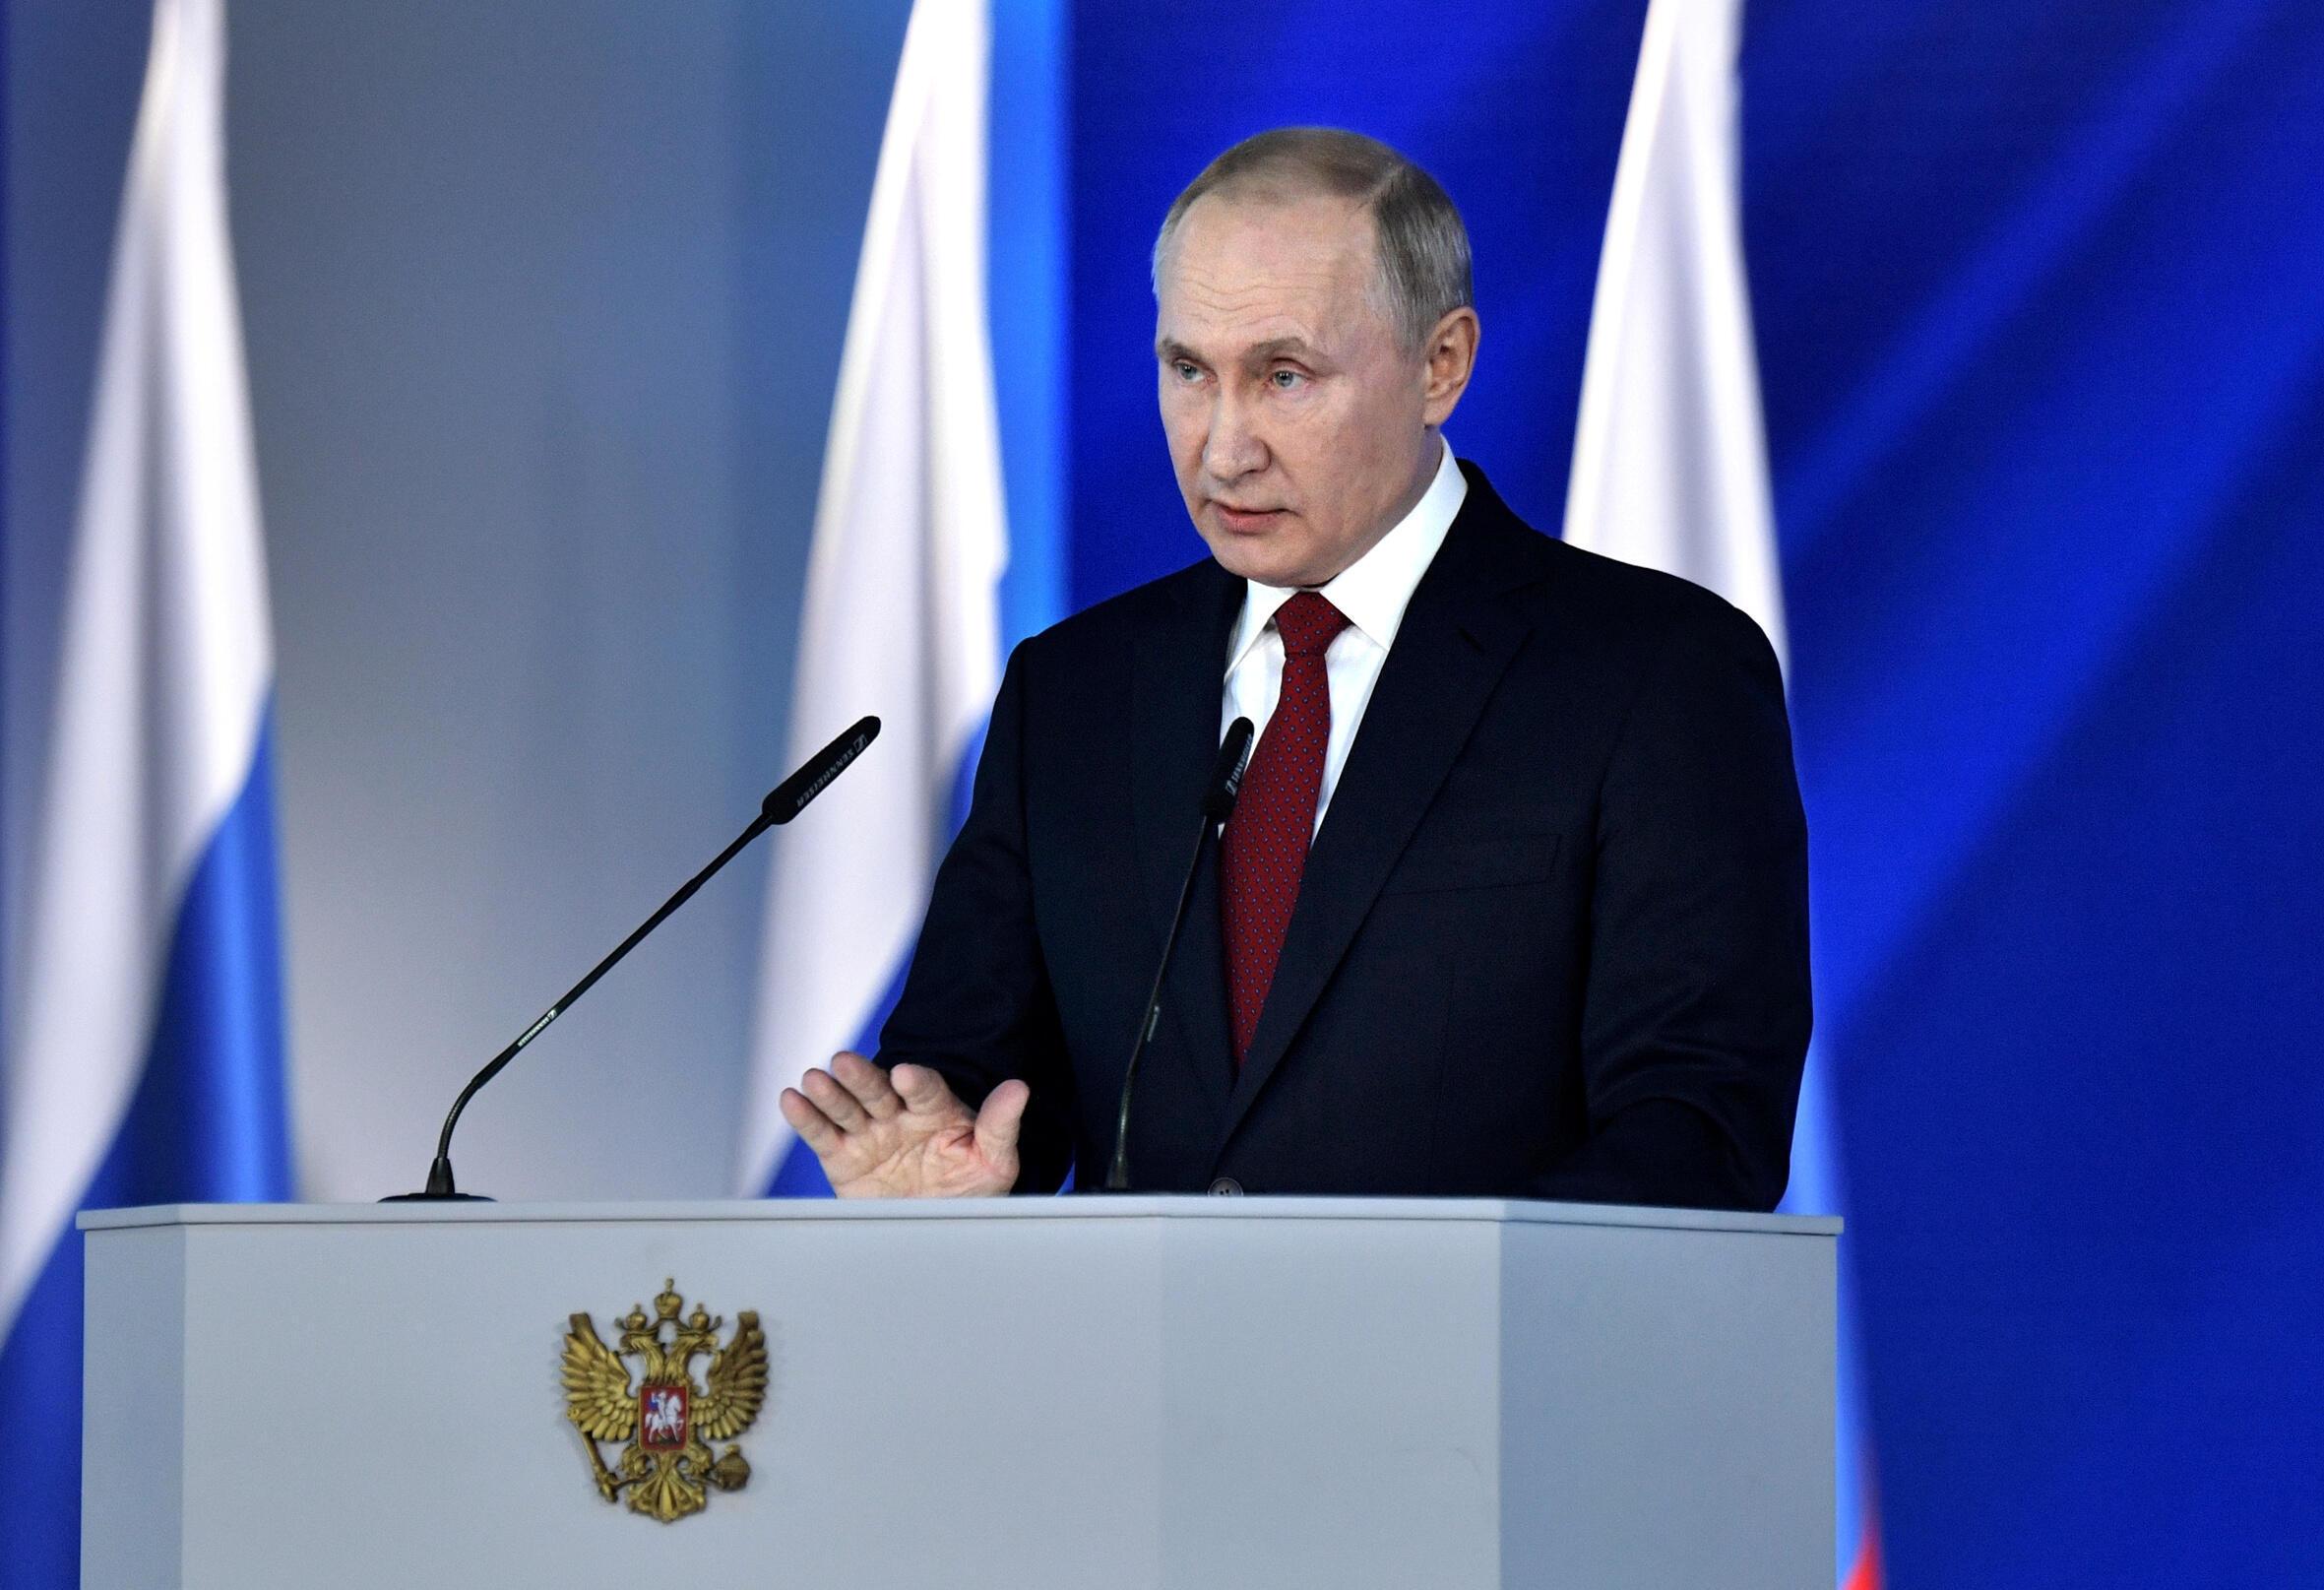 Tổng thống Nga, Vladimir Putin, trong buổi đọc diễn văn đầu năm về hiện trạng đất nước trước Nghị Viện, thông báo cải tổ Hiến Pháp, ngày 16/01/2020.